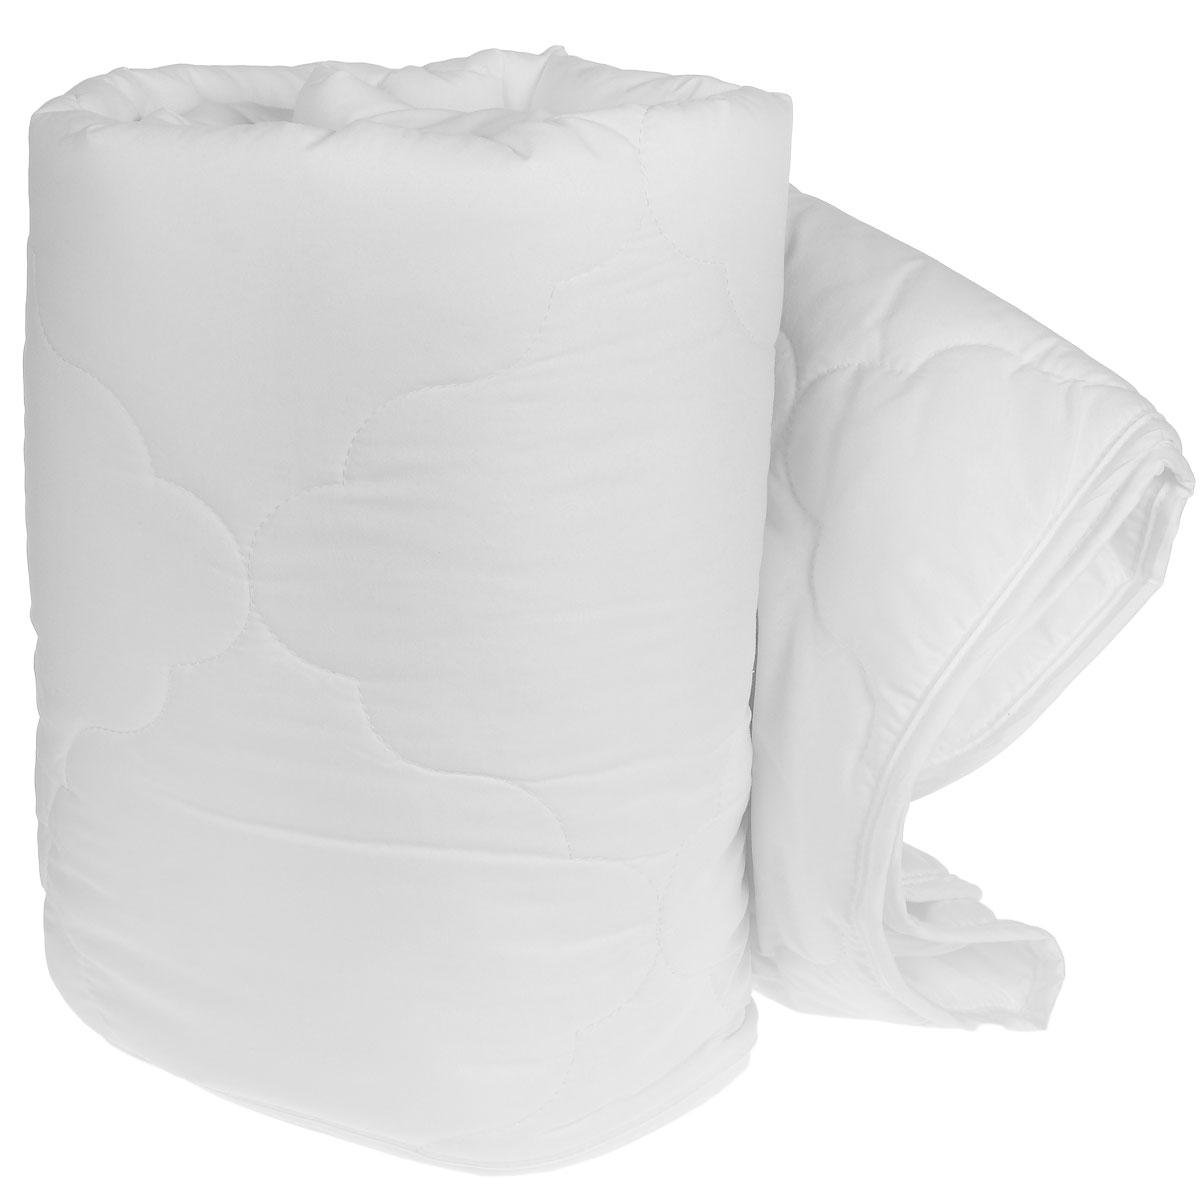 """Одеяло легкое """"Green Line"""", наполнитель: бамбуковое волокно, цвет: белый, 140 см х 205 см"""